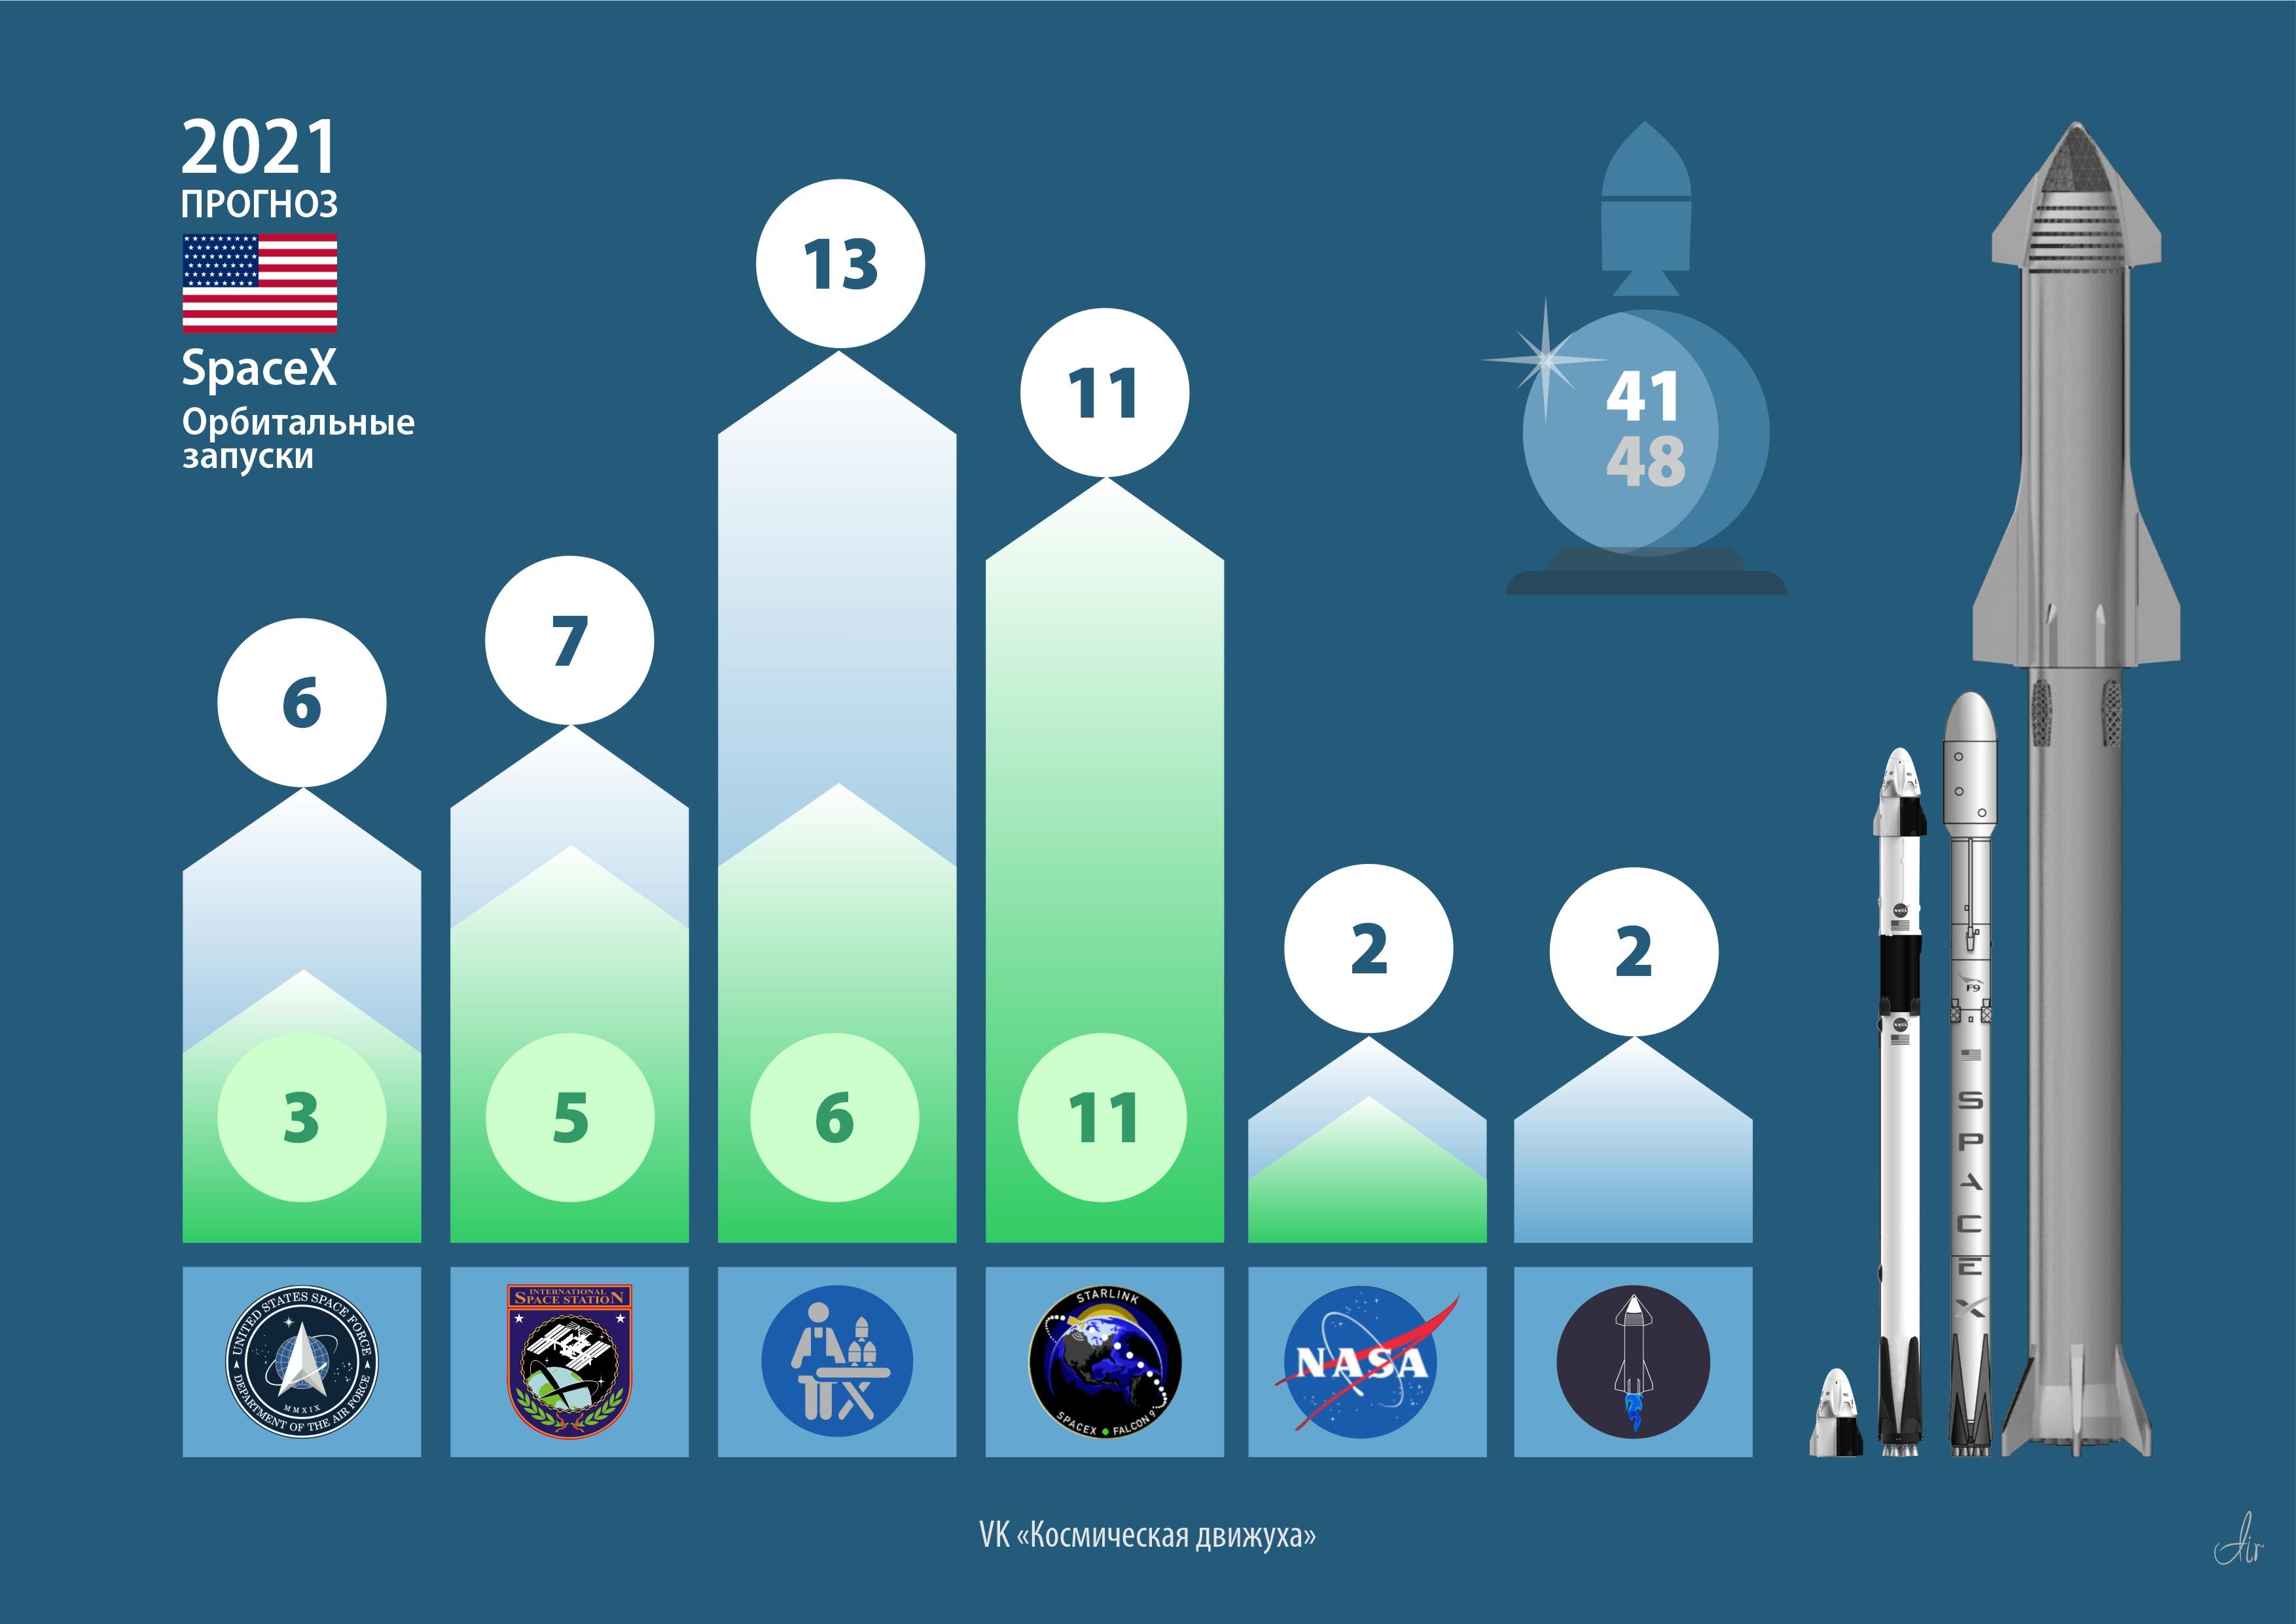 США. SpaceX. Прогноз на 2021 год